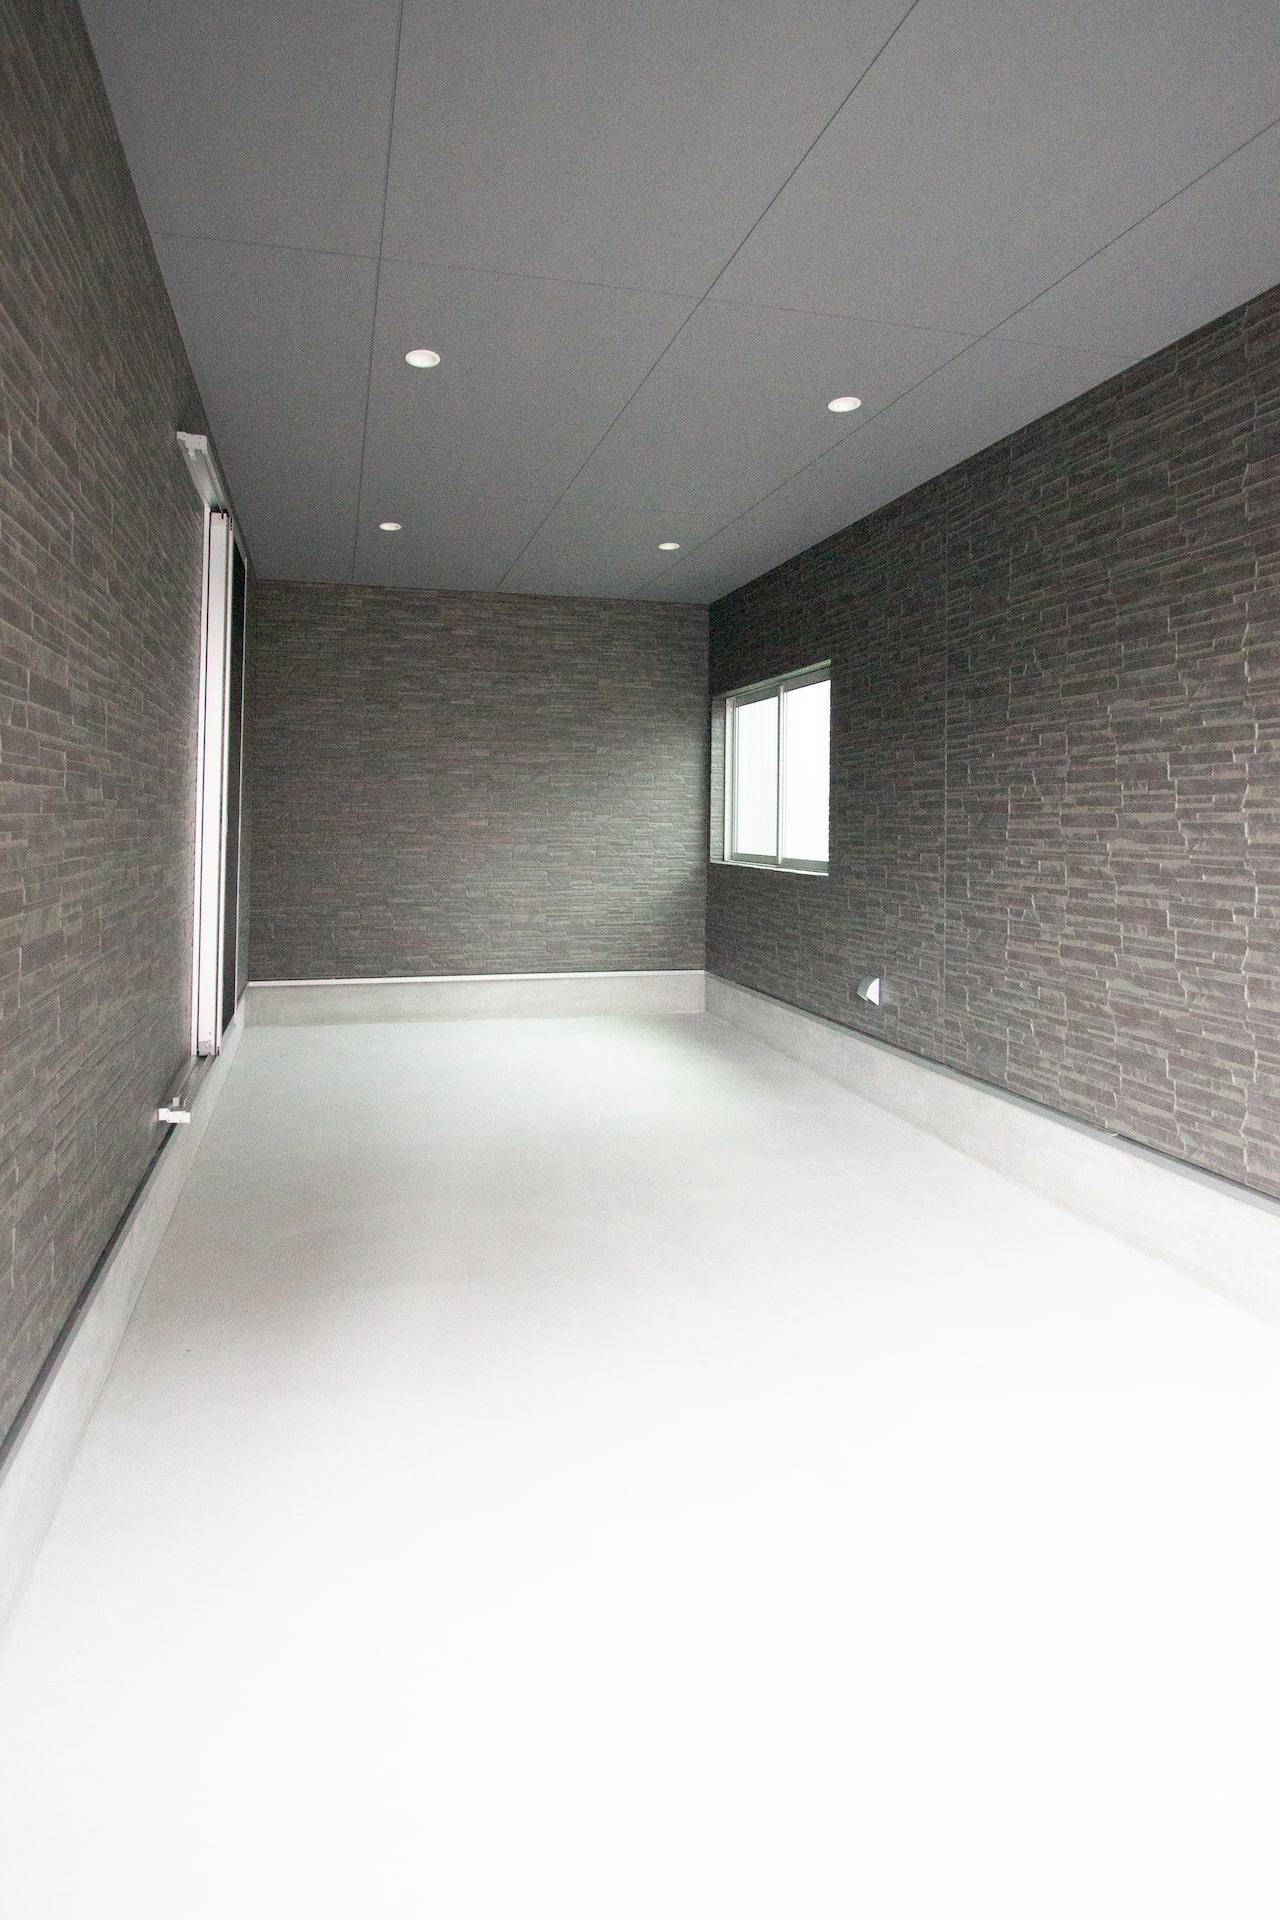 上野工務店,茨木市,建替,新築,2F,ワークスペース